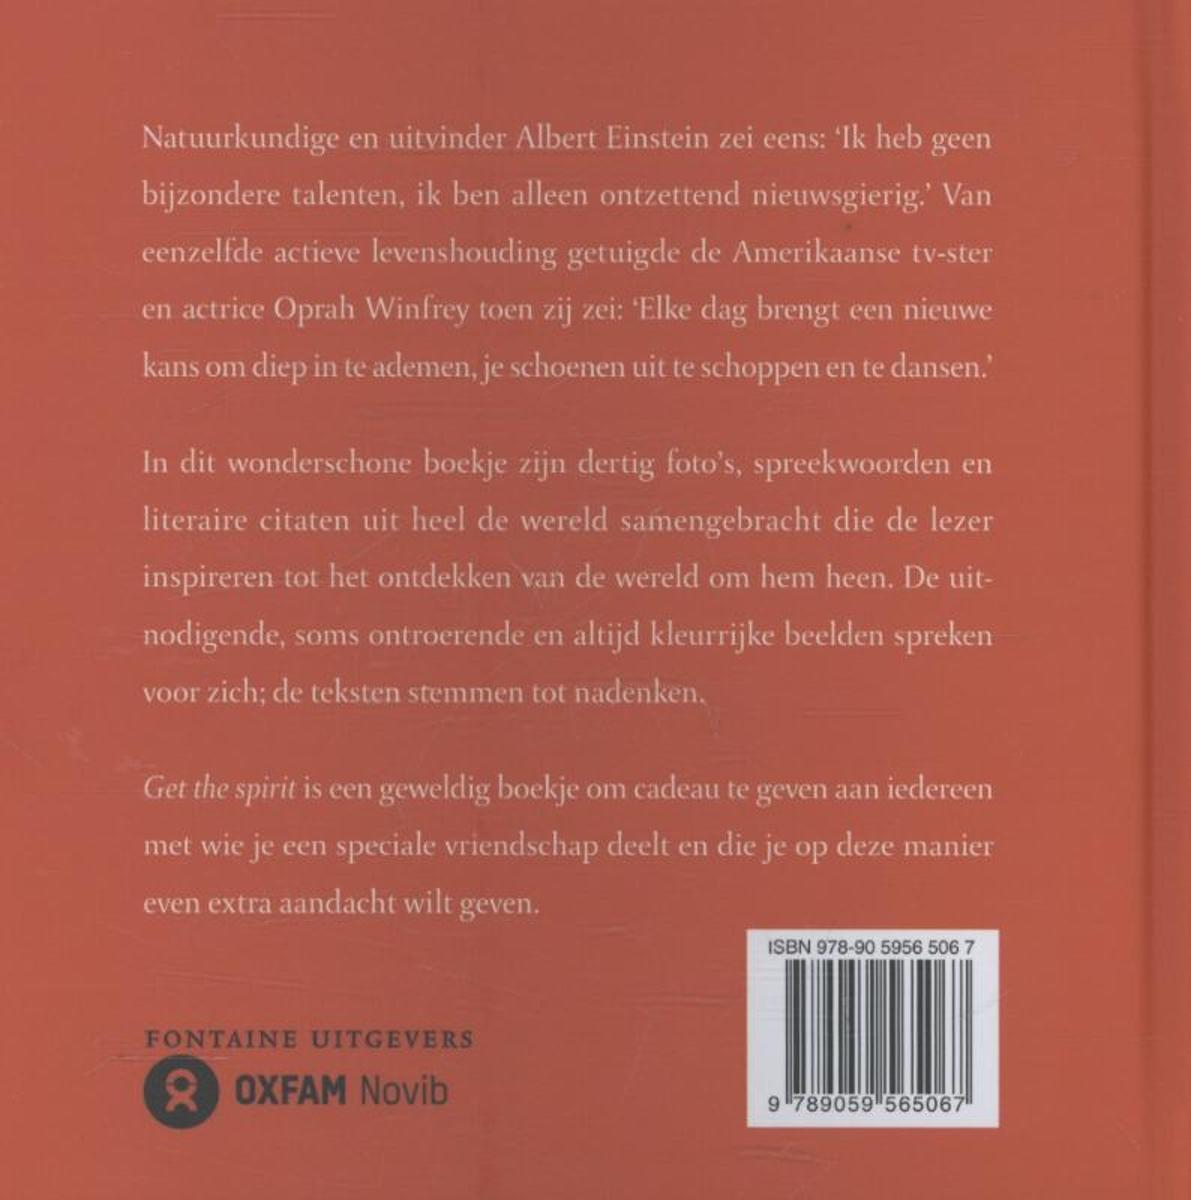 Citaten Uit Literatuur : Bol.com get the spirit 9789059565067 boeken